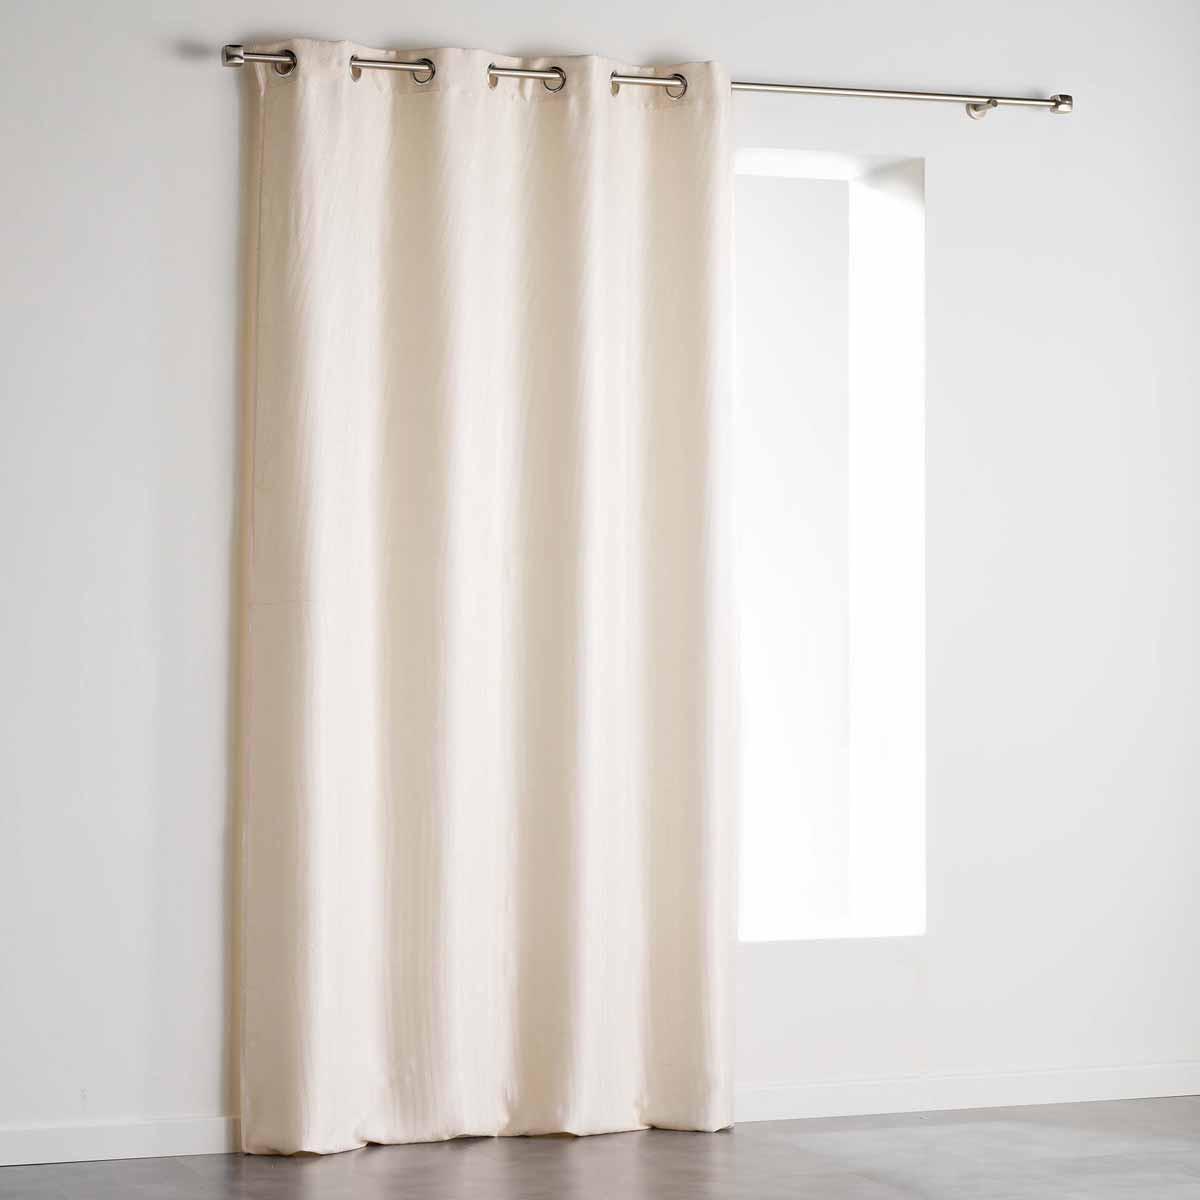 Κουρτίνα Blackout Βελουτέ (140×240) Με Τρουκς Paleo Naturel 1607655